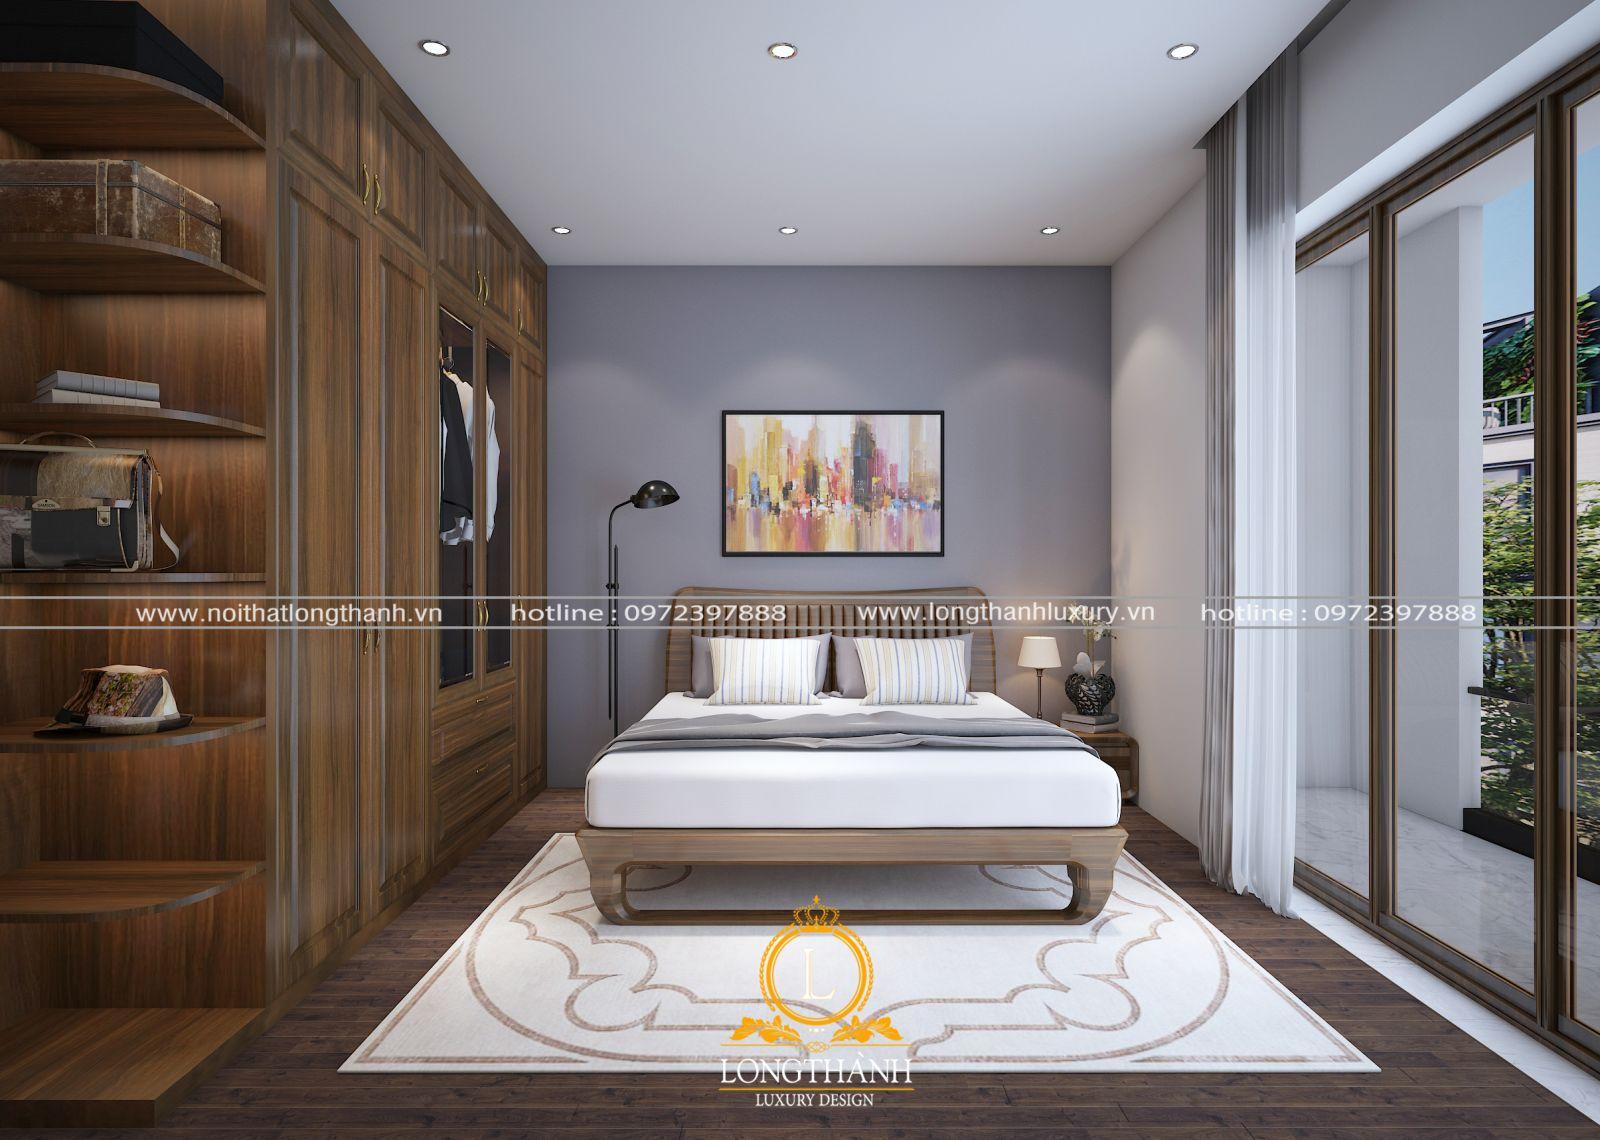 Thiết kế phòng ngủ biệt thự hiện đại sang trọng và tinh tế